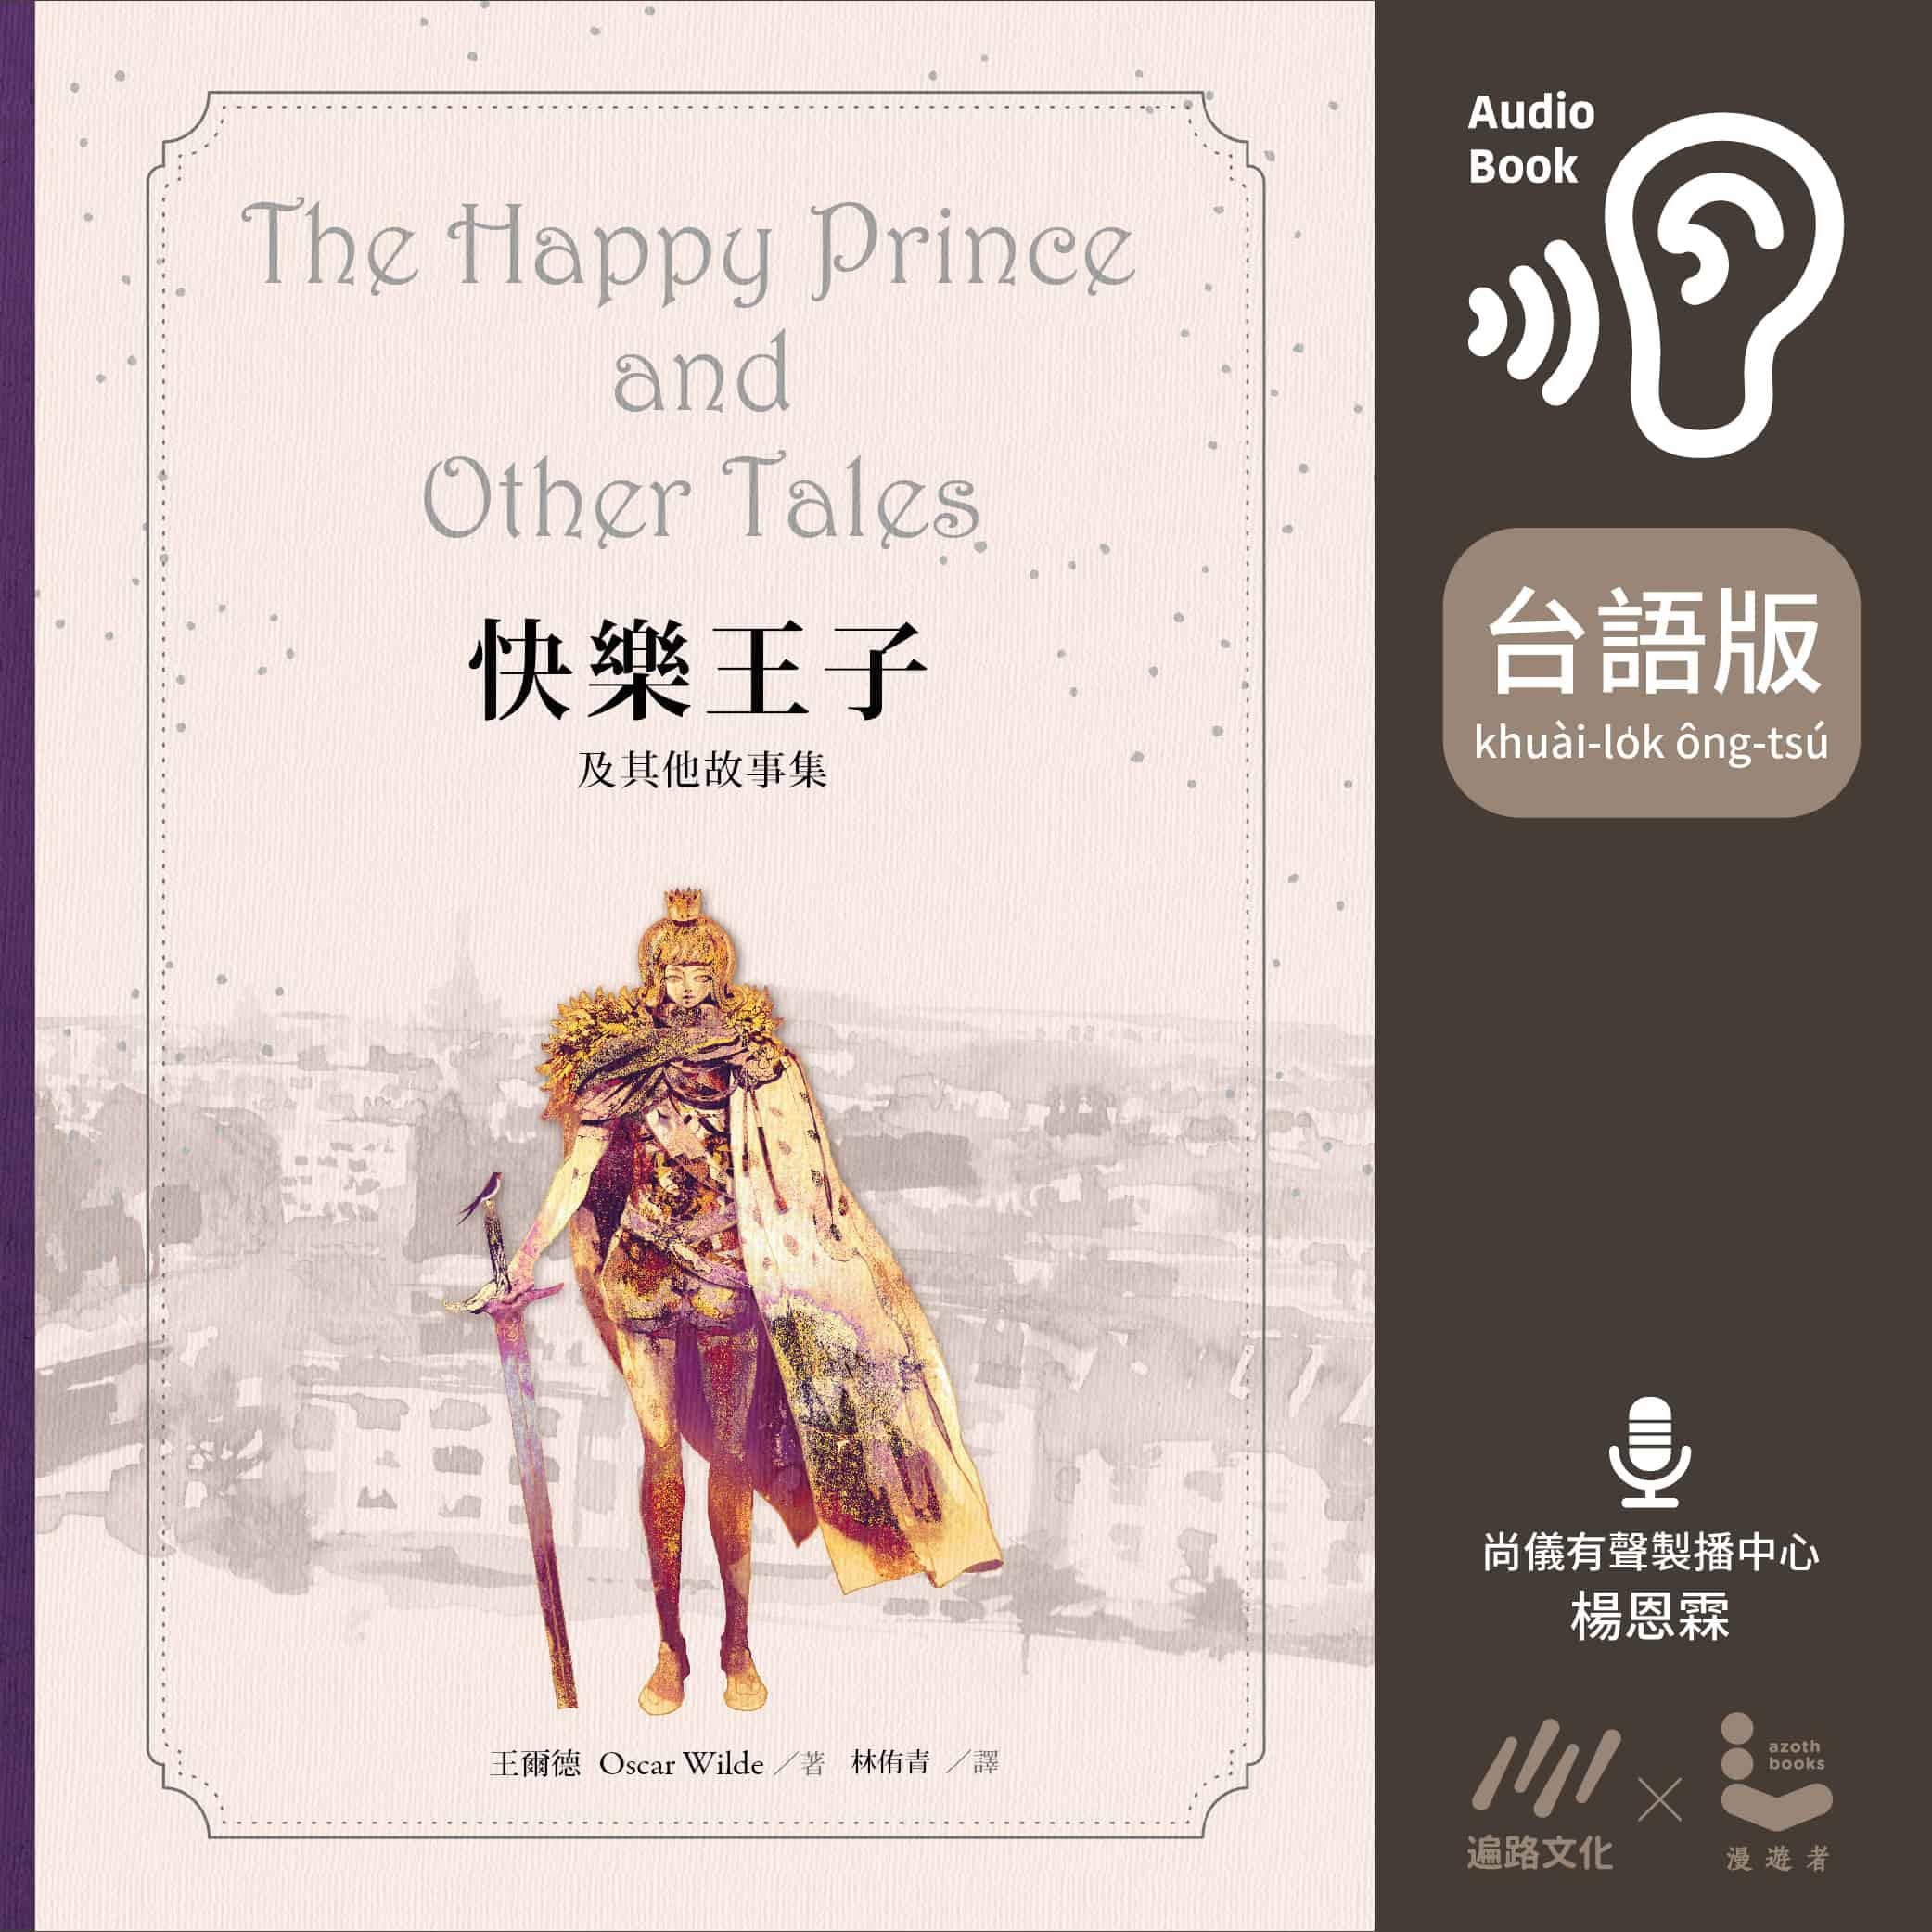 【台語版】快樂王子及其他故事集